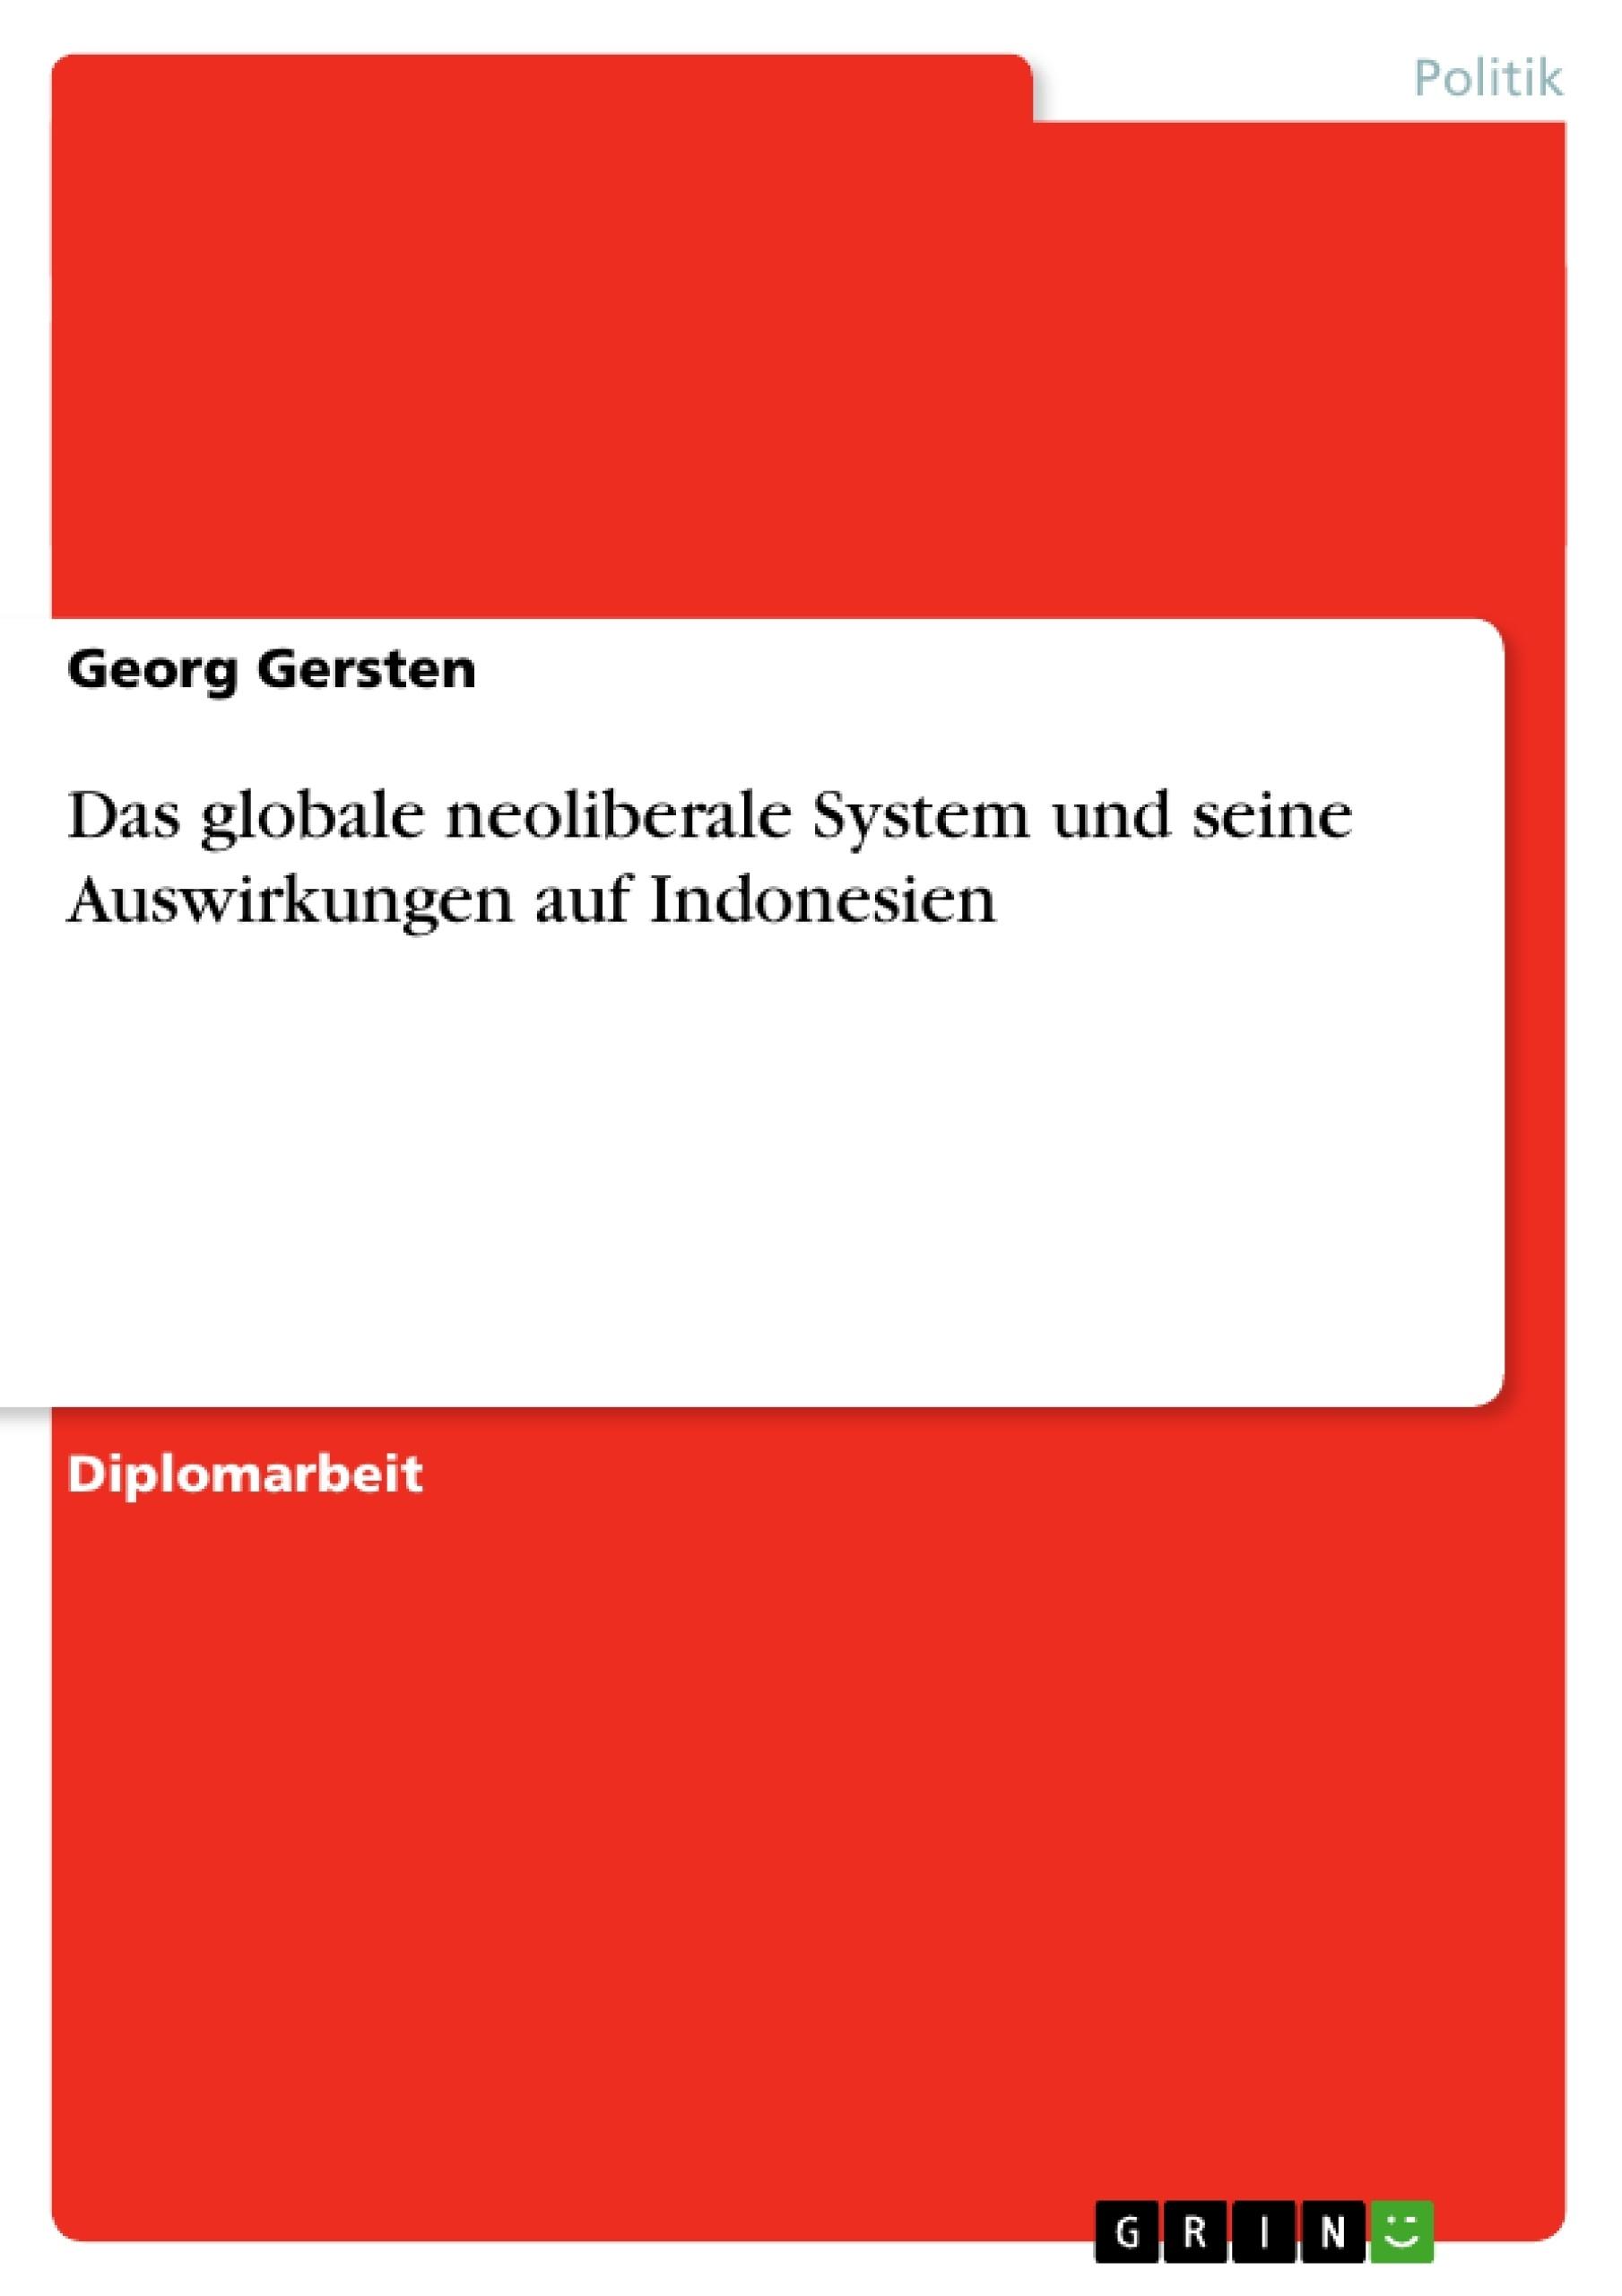 Titel: Das globale neoliberale System und seine Auswirkungen auf Indonesien